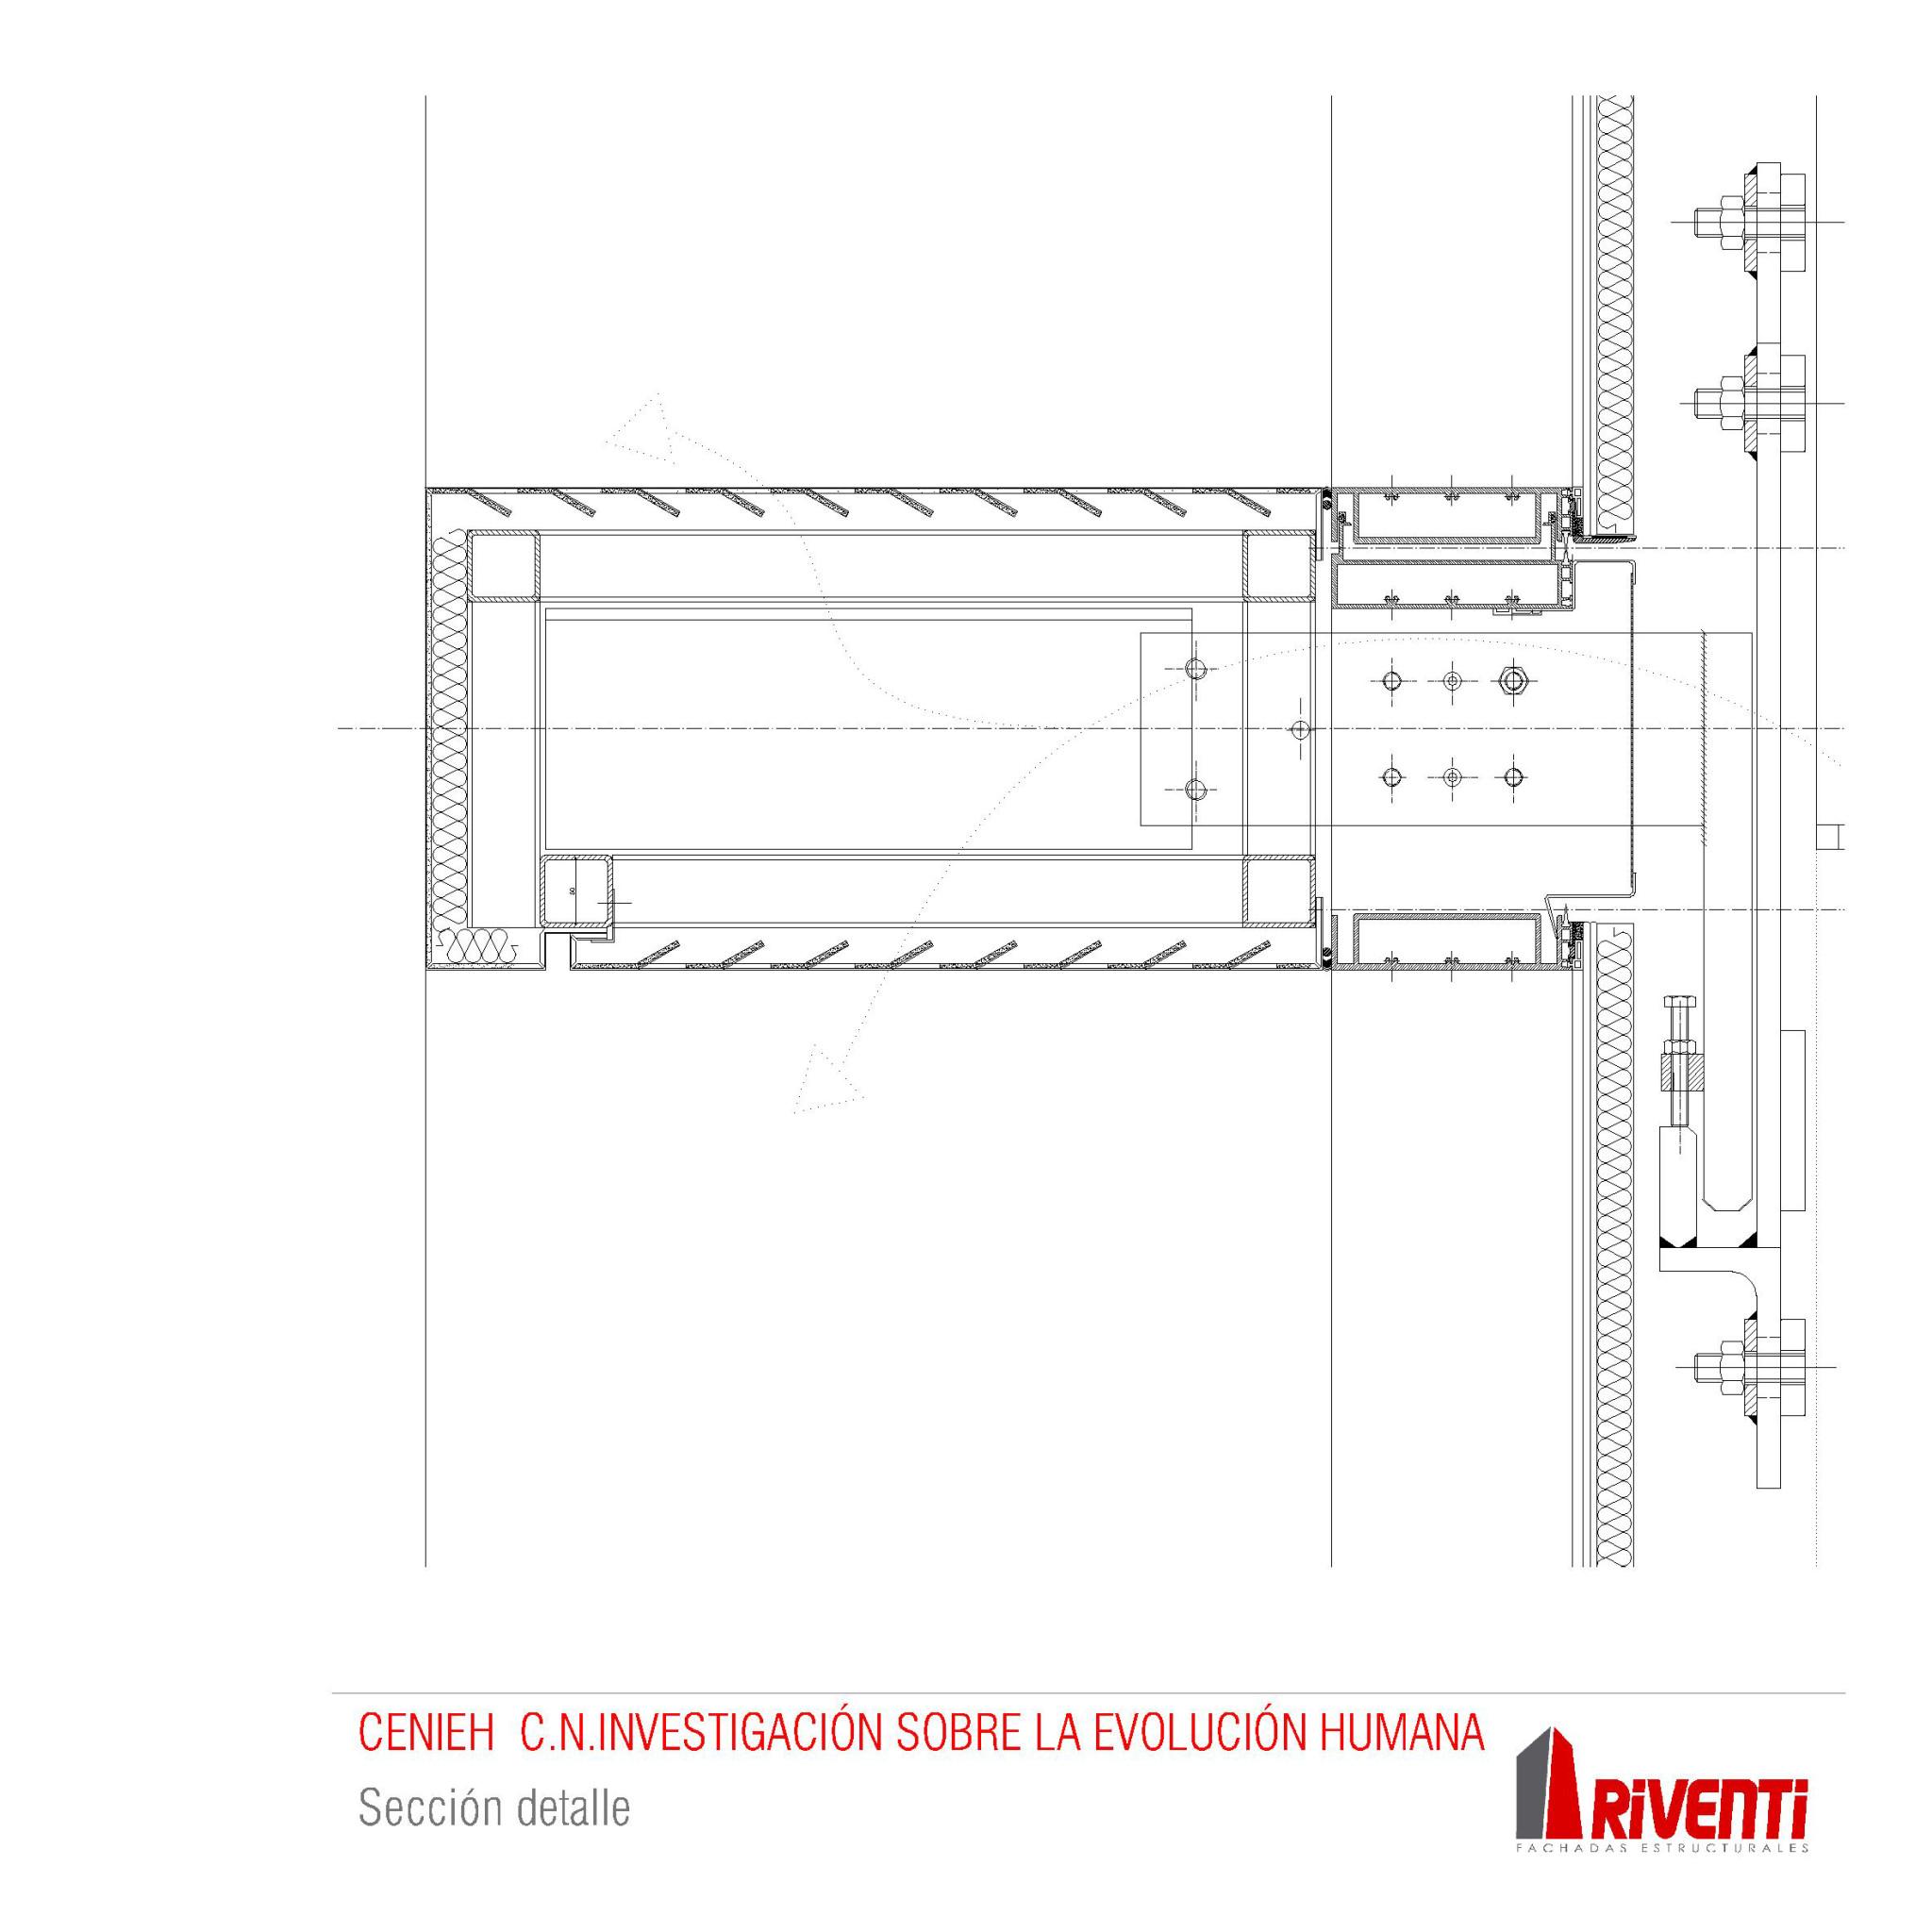 Fachada-CENIEH-sistema-modular-muro-cortina-burgos-riventi-detalles-constructivos (1)